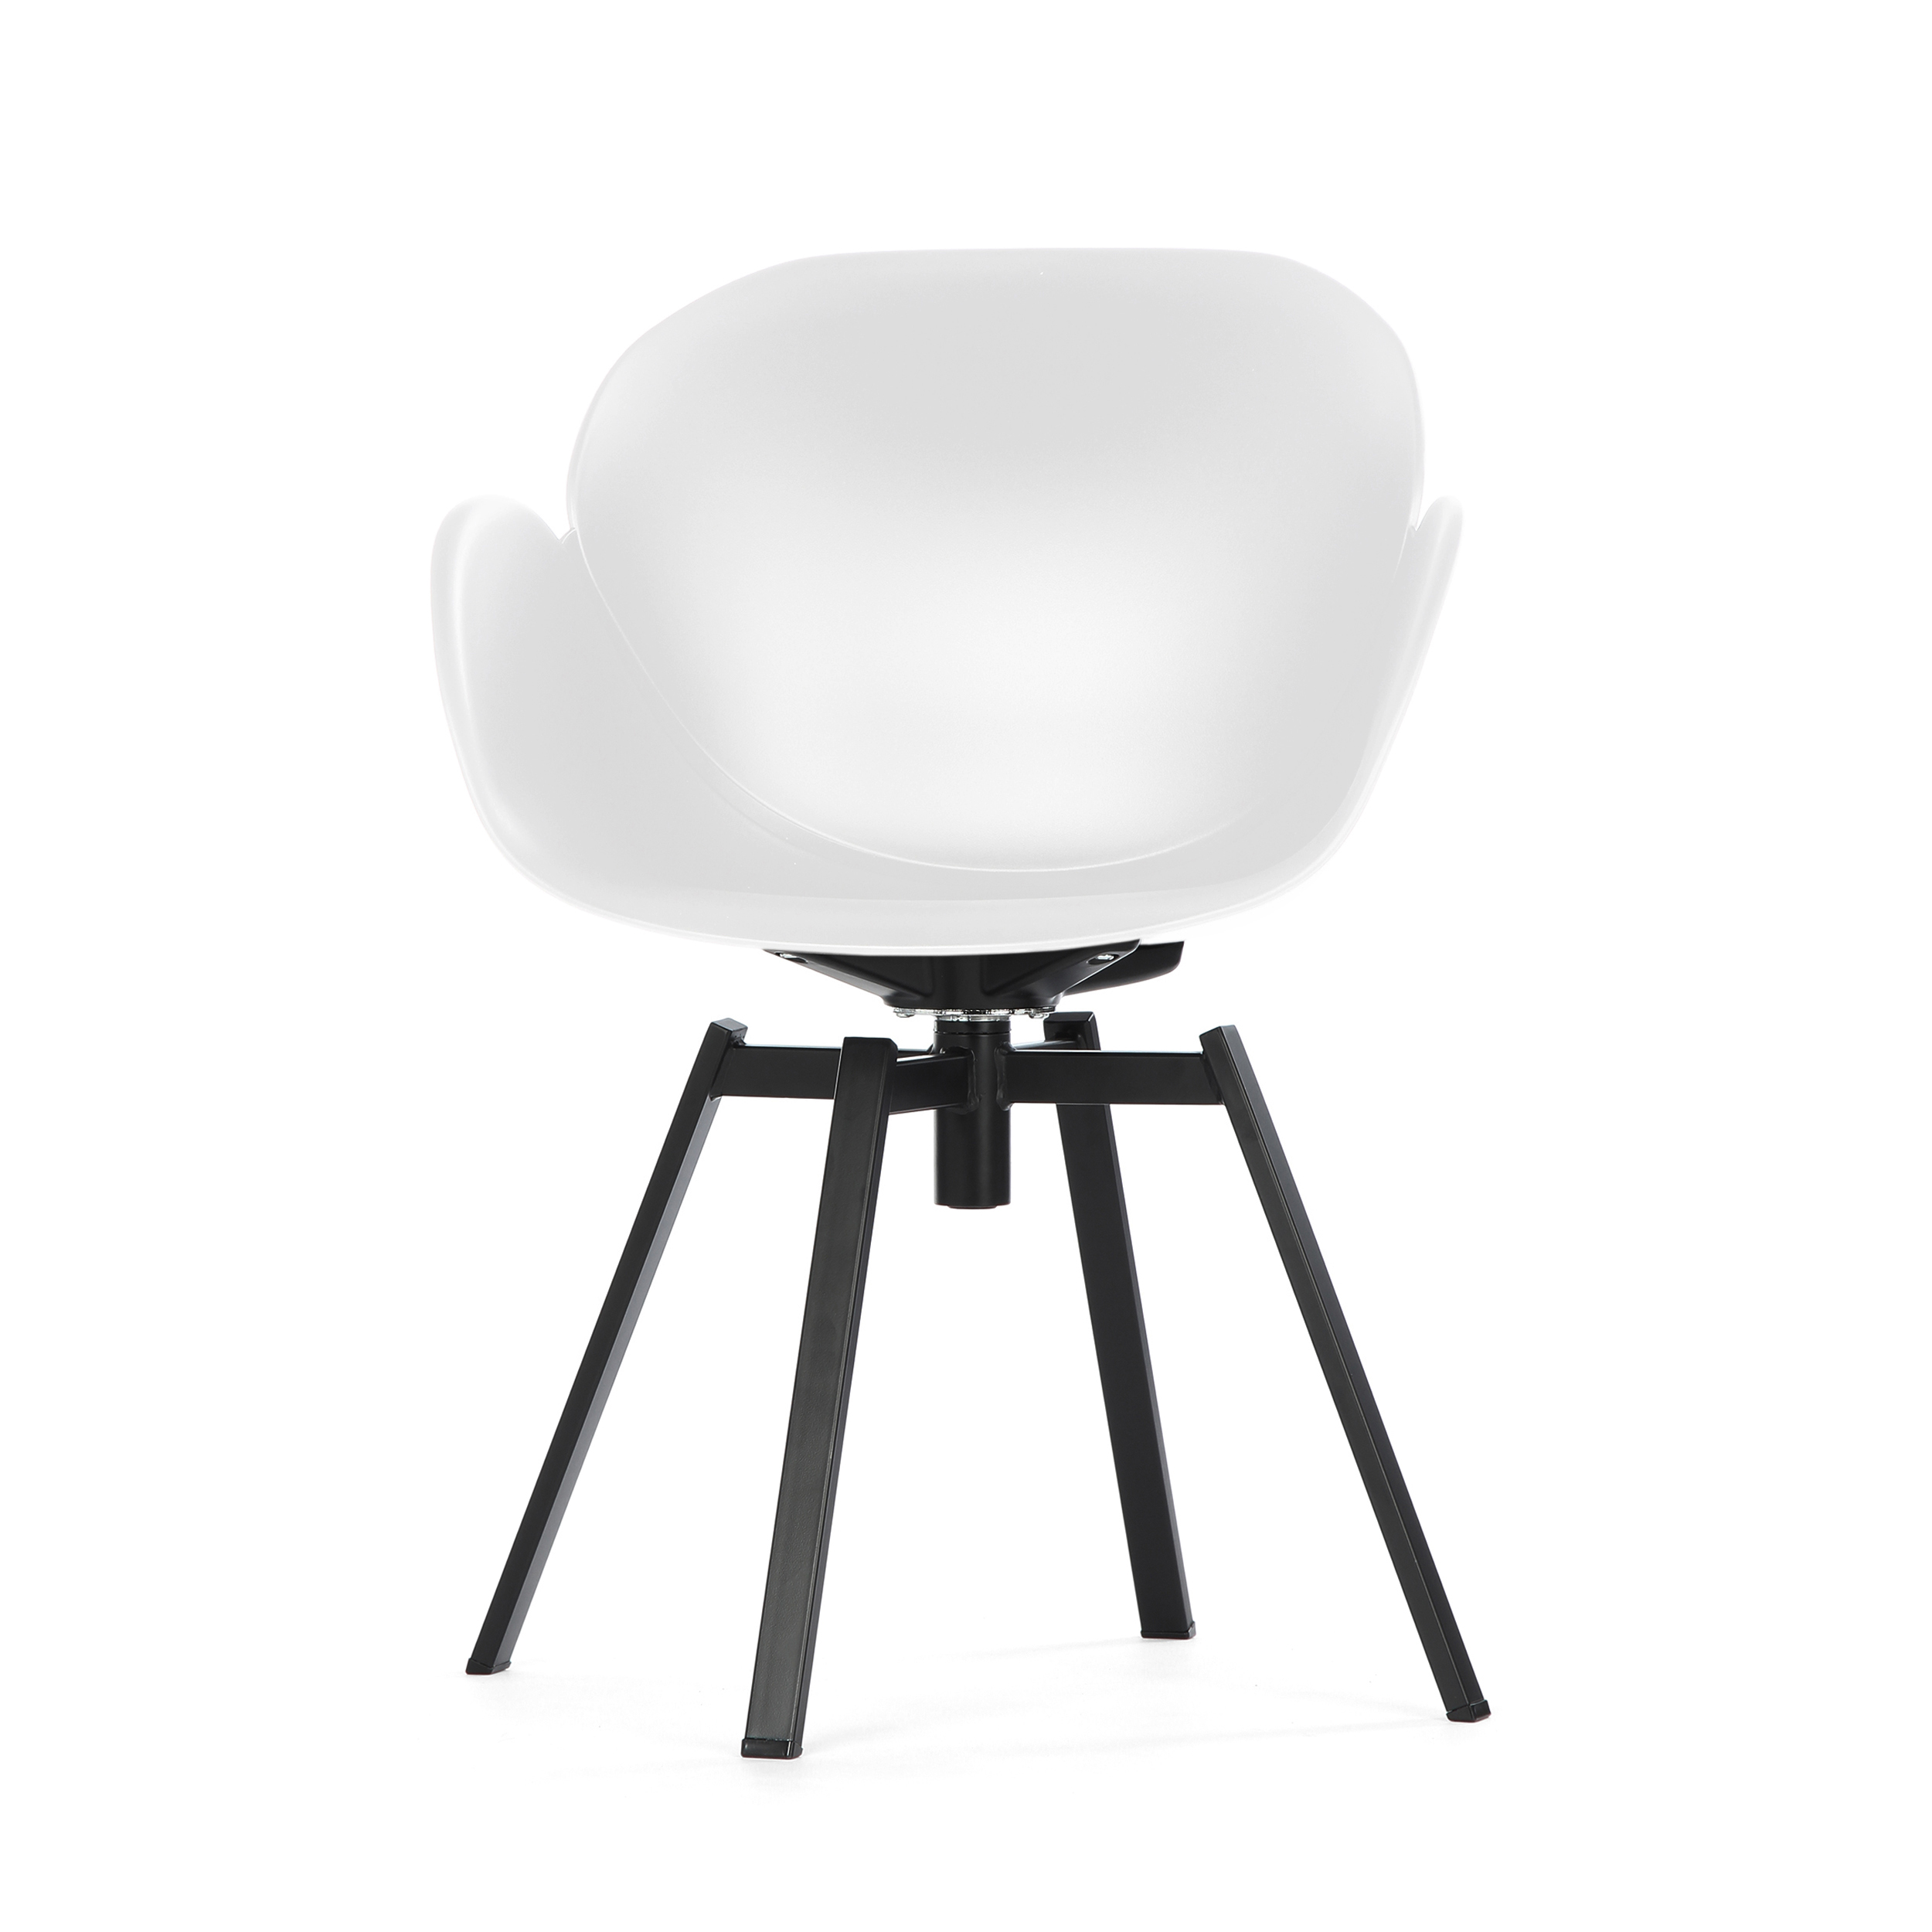 Кресло RezedaИнтерьерные<br>Дизайнерское стильное кресло Rezeda (Резида) из полипропилена на стальных ножках от Cosmo (Космо).<br><br><br>«Вкусные» изгибы кресла Rezeda отлично вписываются в интерьер стиля хай-тек, что доказывают доступные монохромные цветовые исполнения, а также отсутствие лишних деталей. Его минималистичный дизайн — настоящая находка для классических офисных интерьеров. На редкость гармоничное сочетание плавных линий и острых углов — отличительная особенность модели кресла. <br><br><br><br> Изделие изготовлено и...<br><br>stock: 7<br>Высота: 84<br>Высота сиденья: 45<br>Ширина: 61<br>Глубина: 58<br>Цвет ножек: Черный<br>Тип материала обивки: Полипропилен<br>Тип материала ножек: Сталь нержавеющая<br>Цвет обивки: Белый